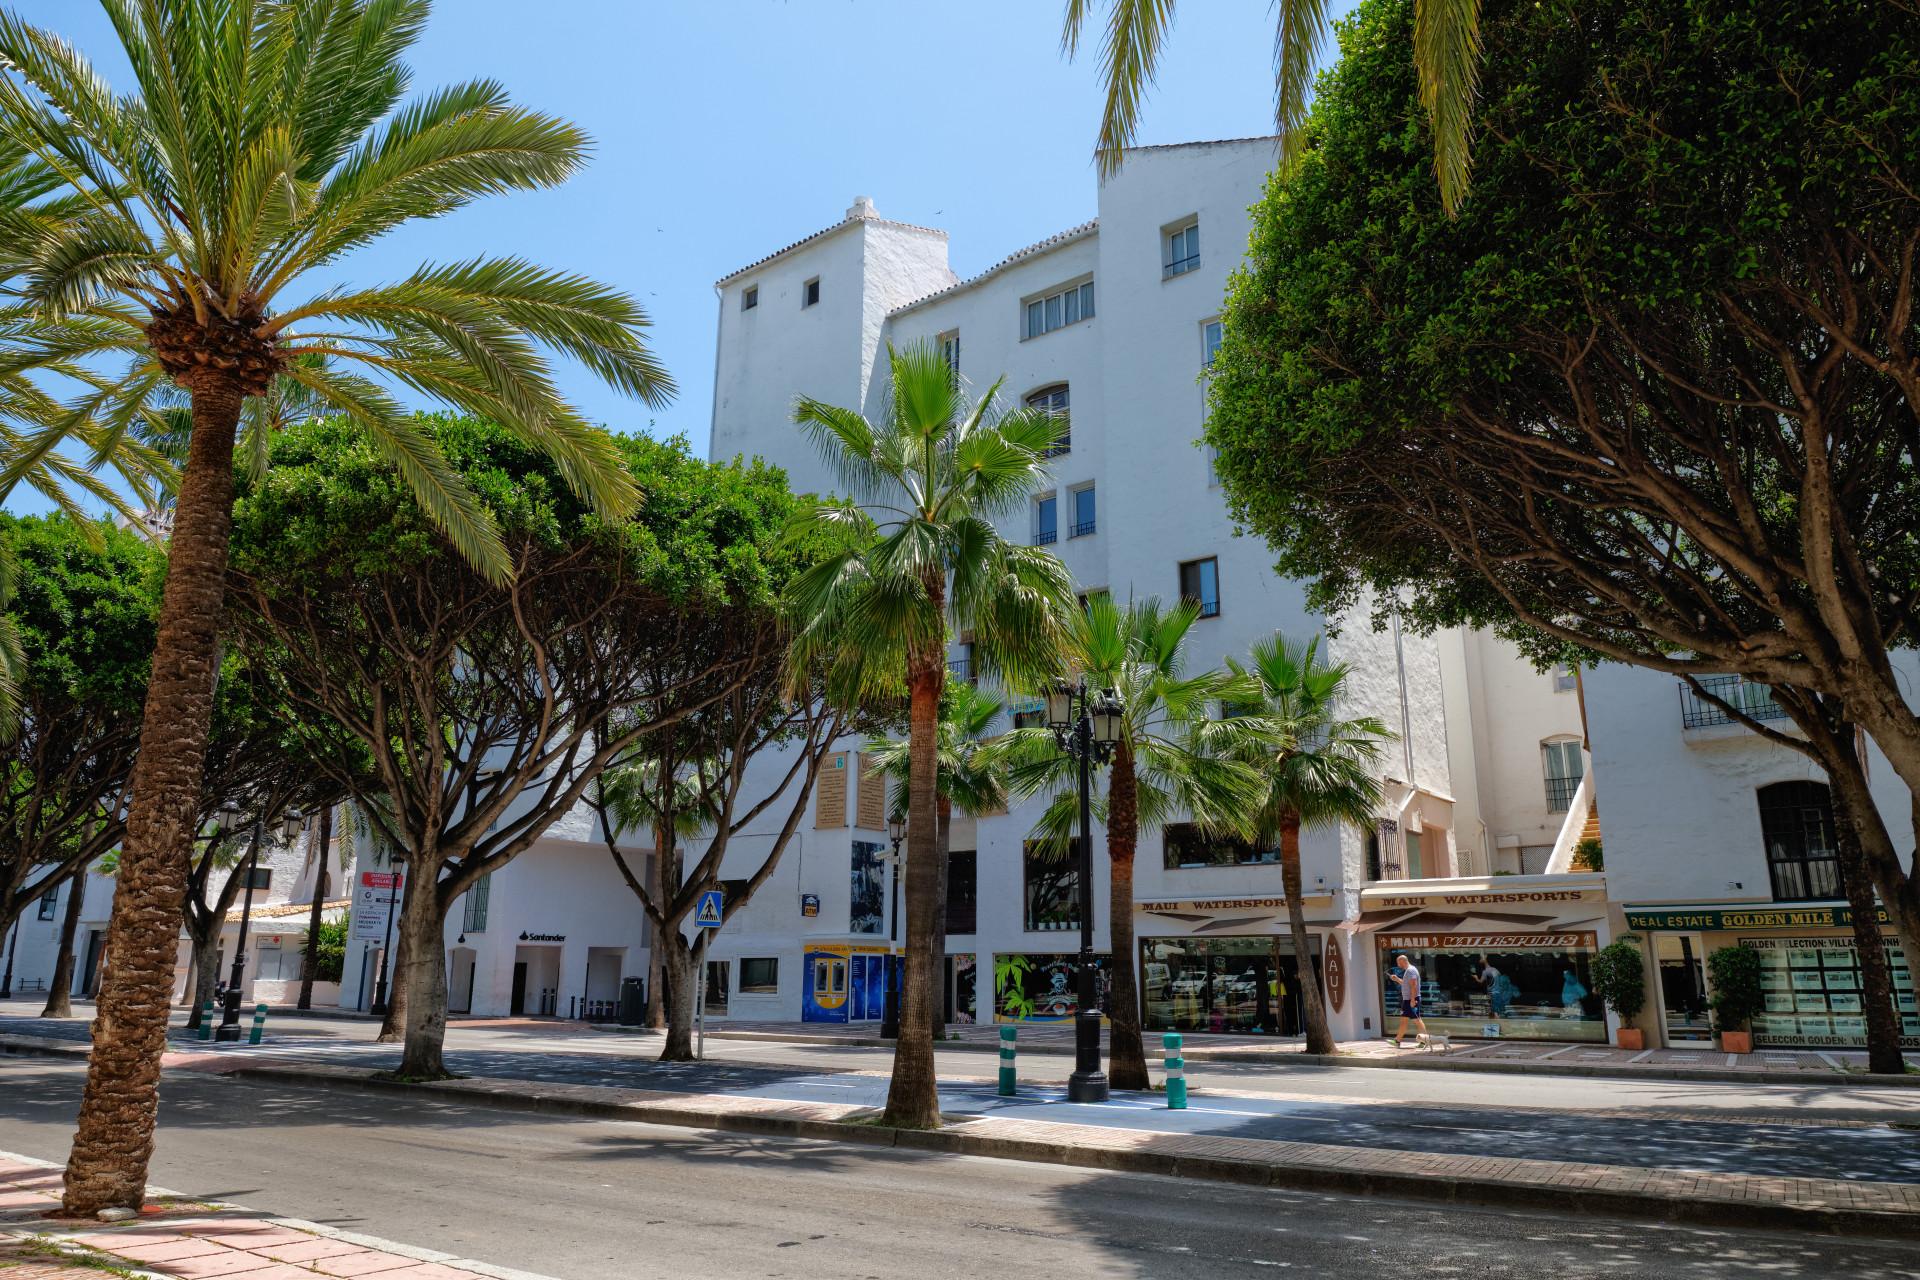 ARFA -344 Renoviertes Apartment in Puerto Banus in Marbella